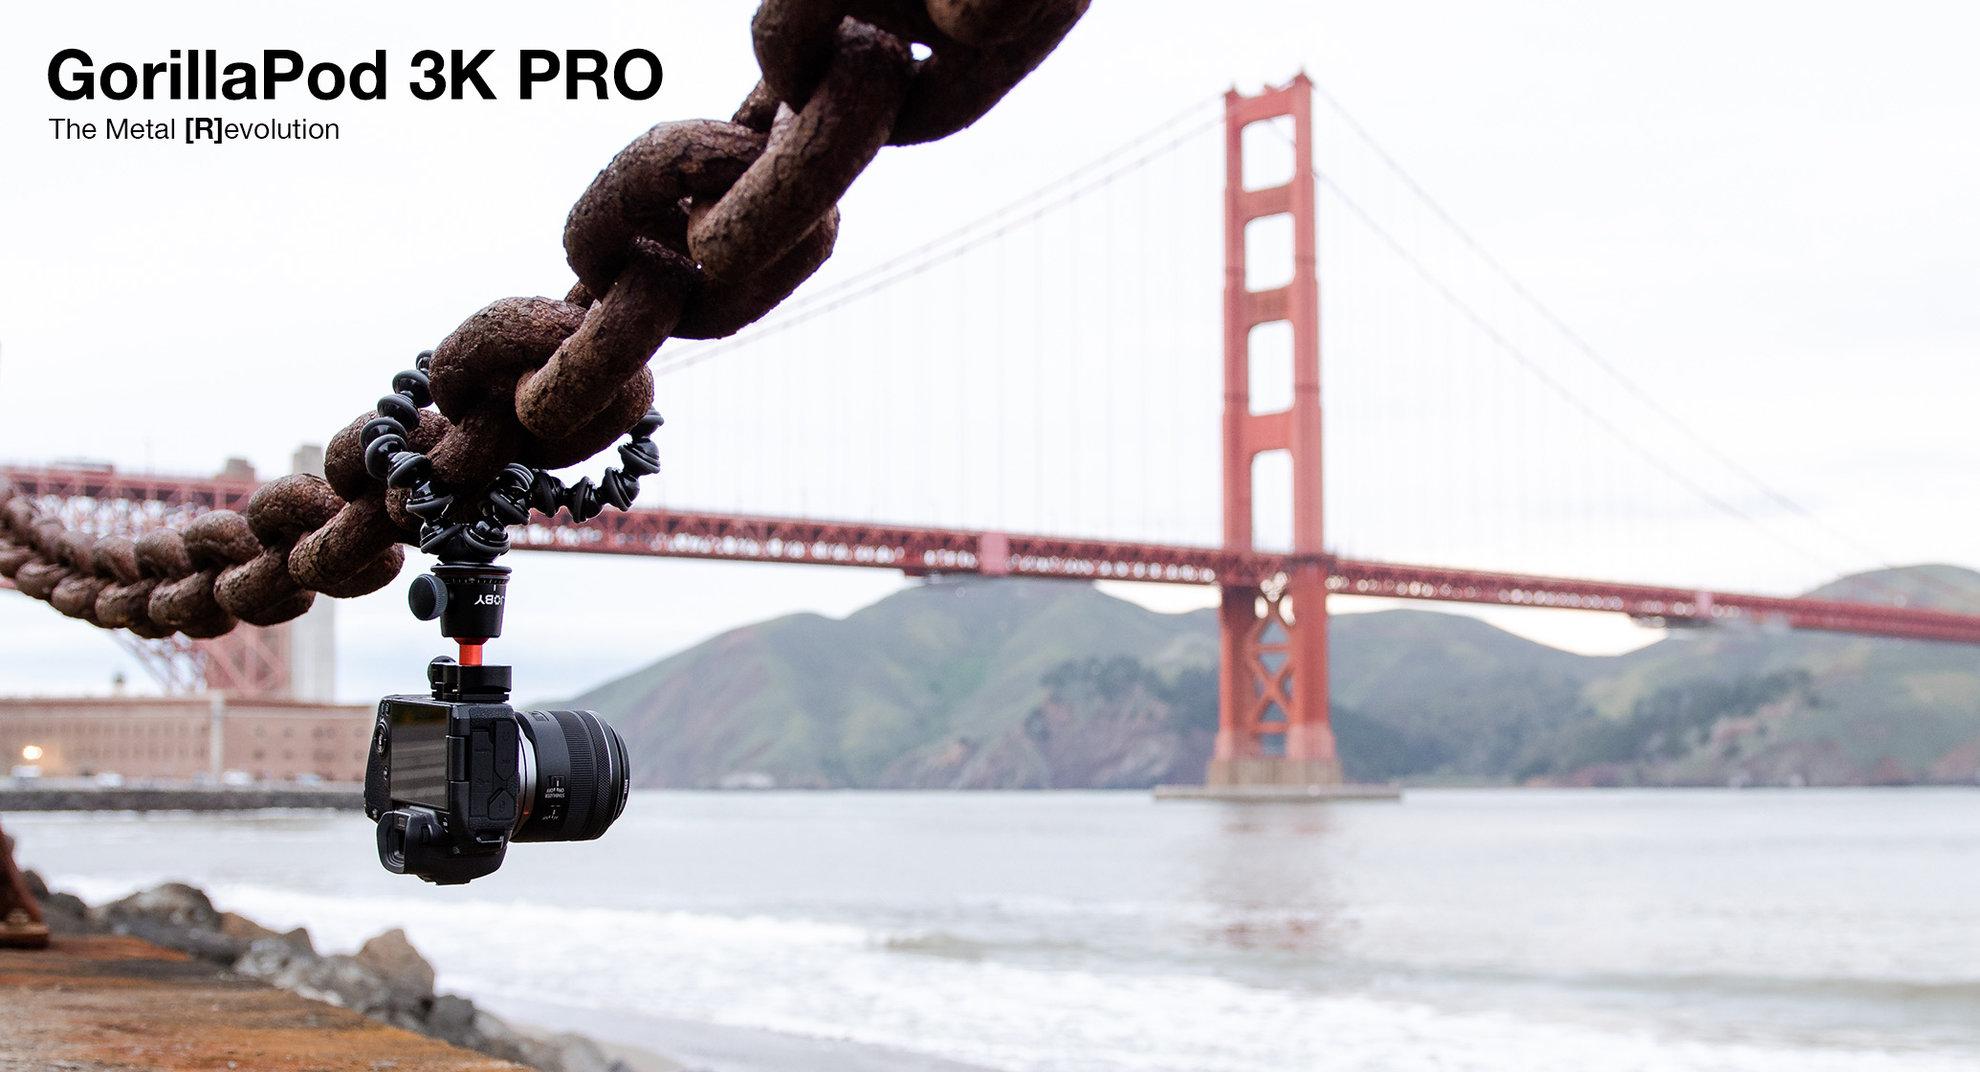 Joby GorillaPod, arrivano i nuovi 3K Pro e Starter Kit thumbnail